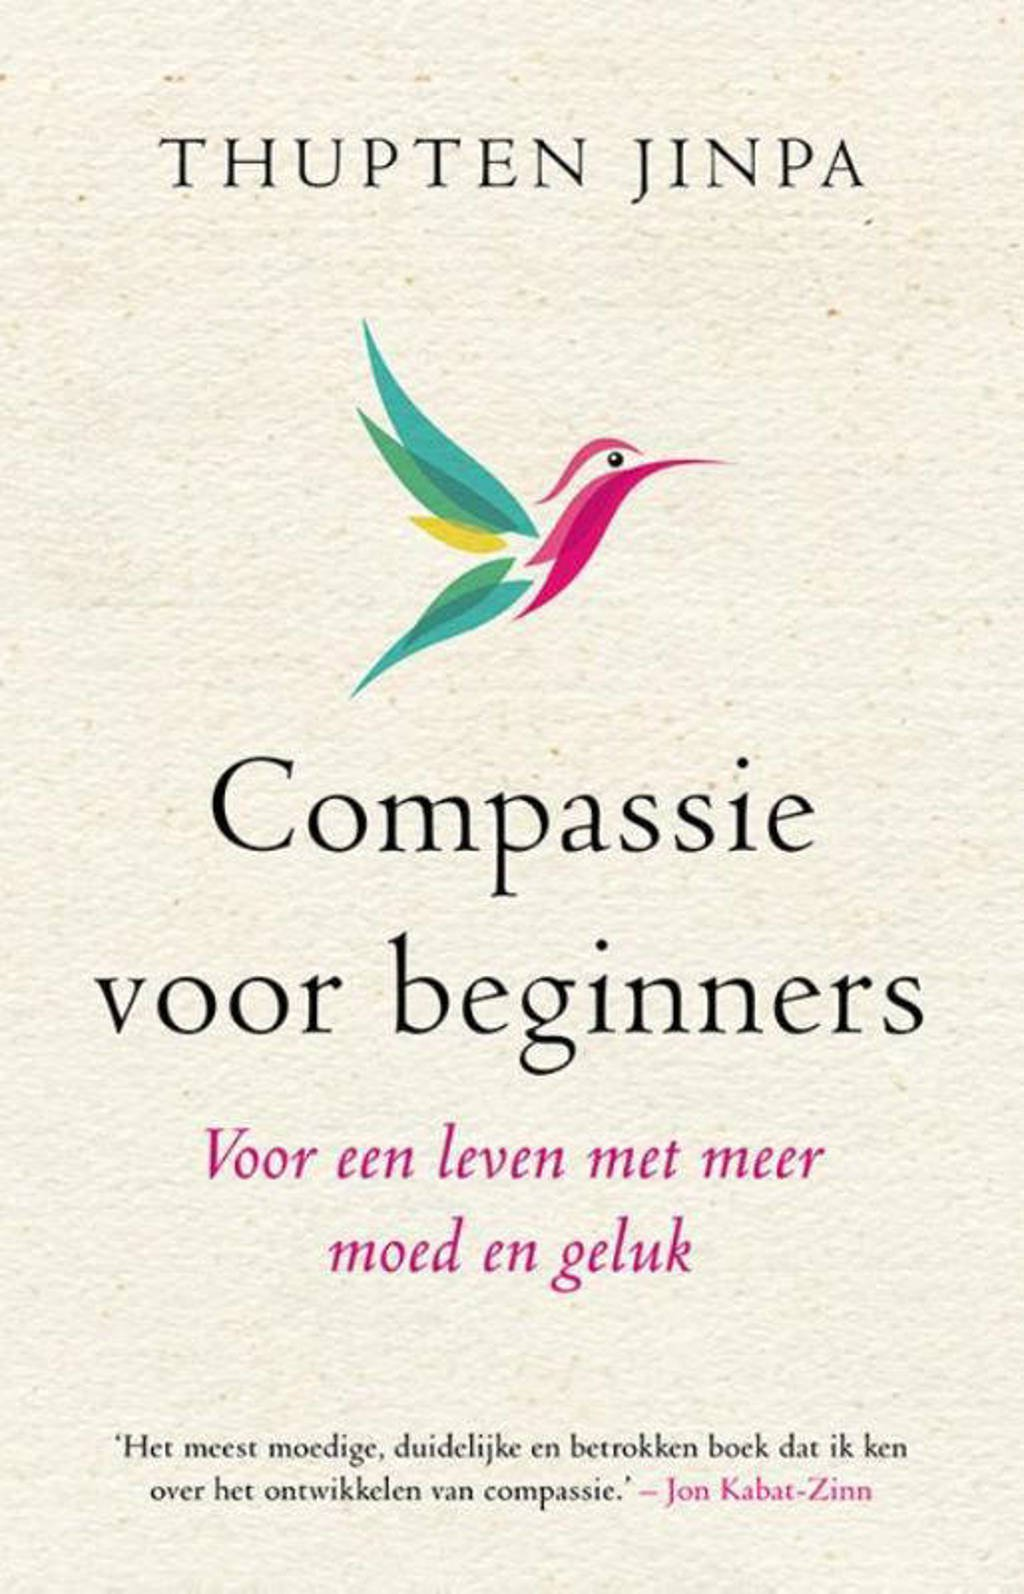 Compassie voor beginners - Thupten Jinpa